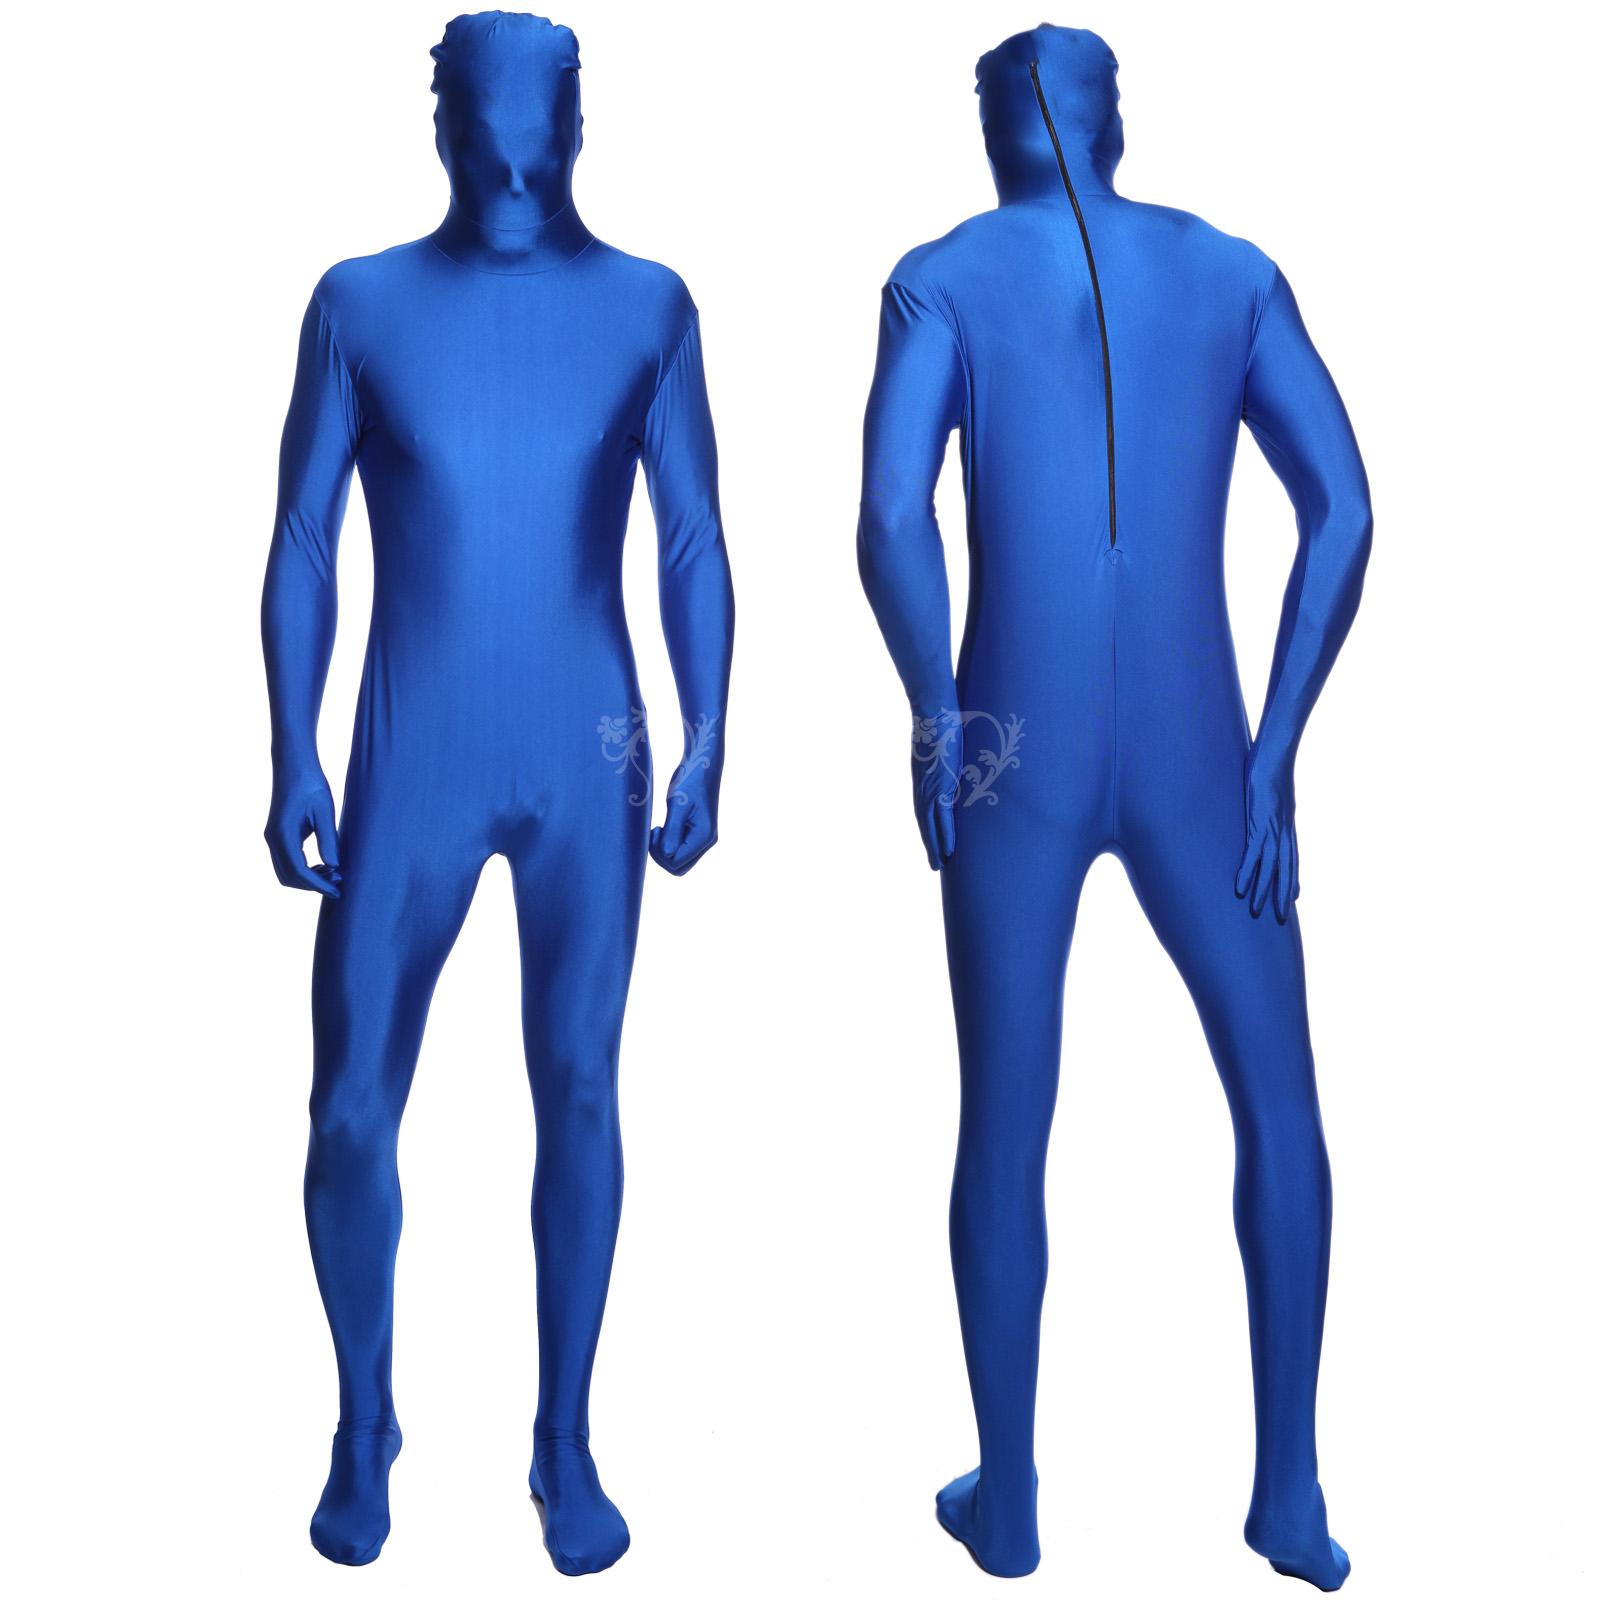 Anatomy Body Suit Costume